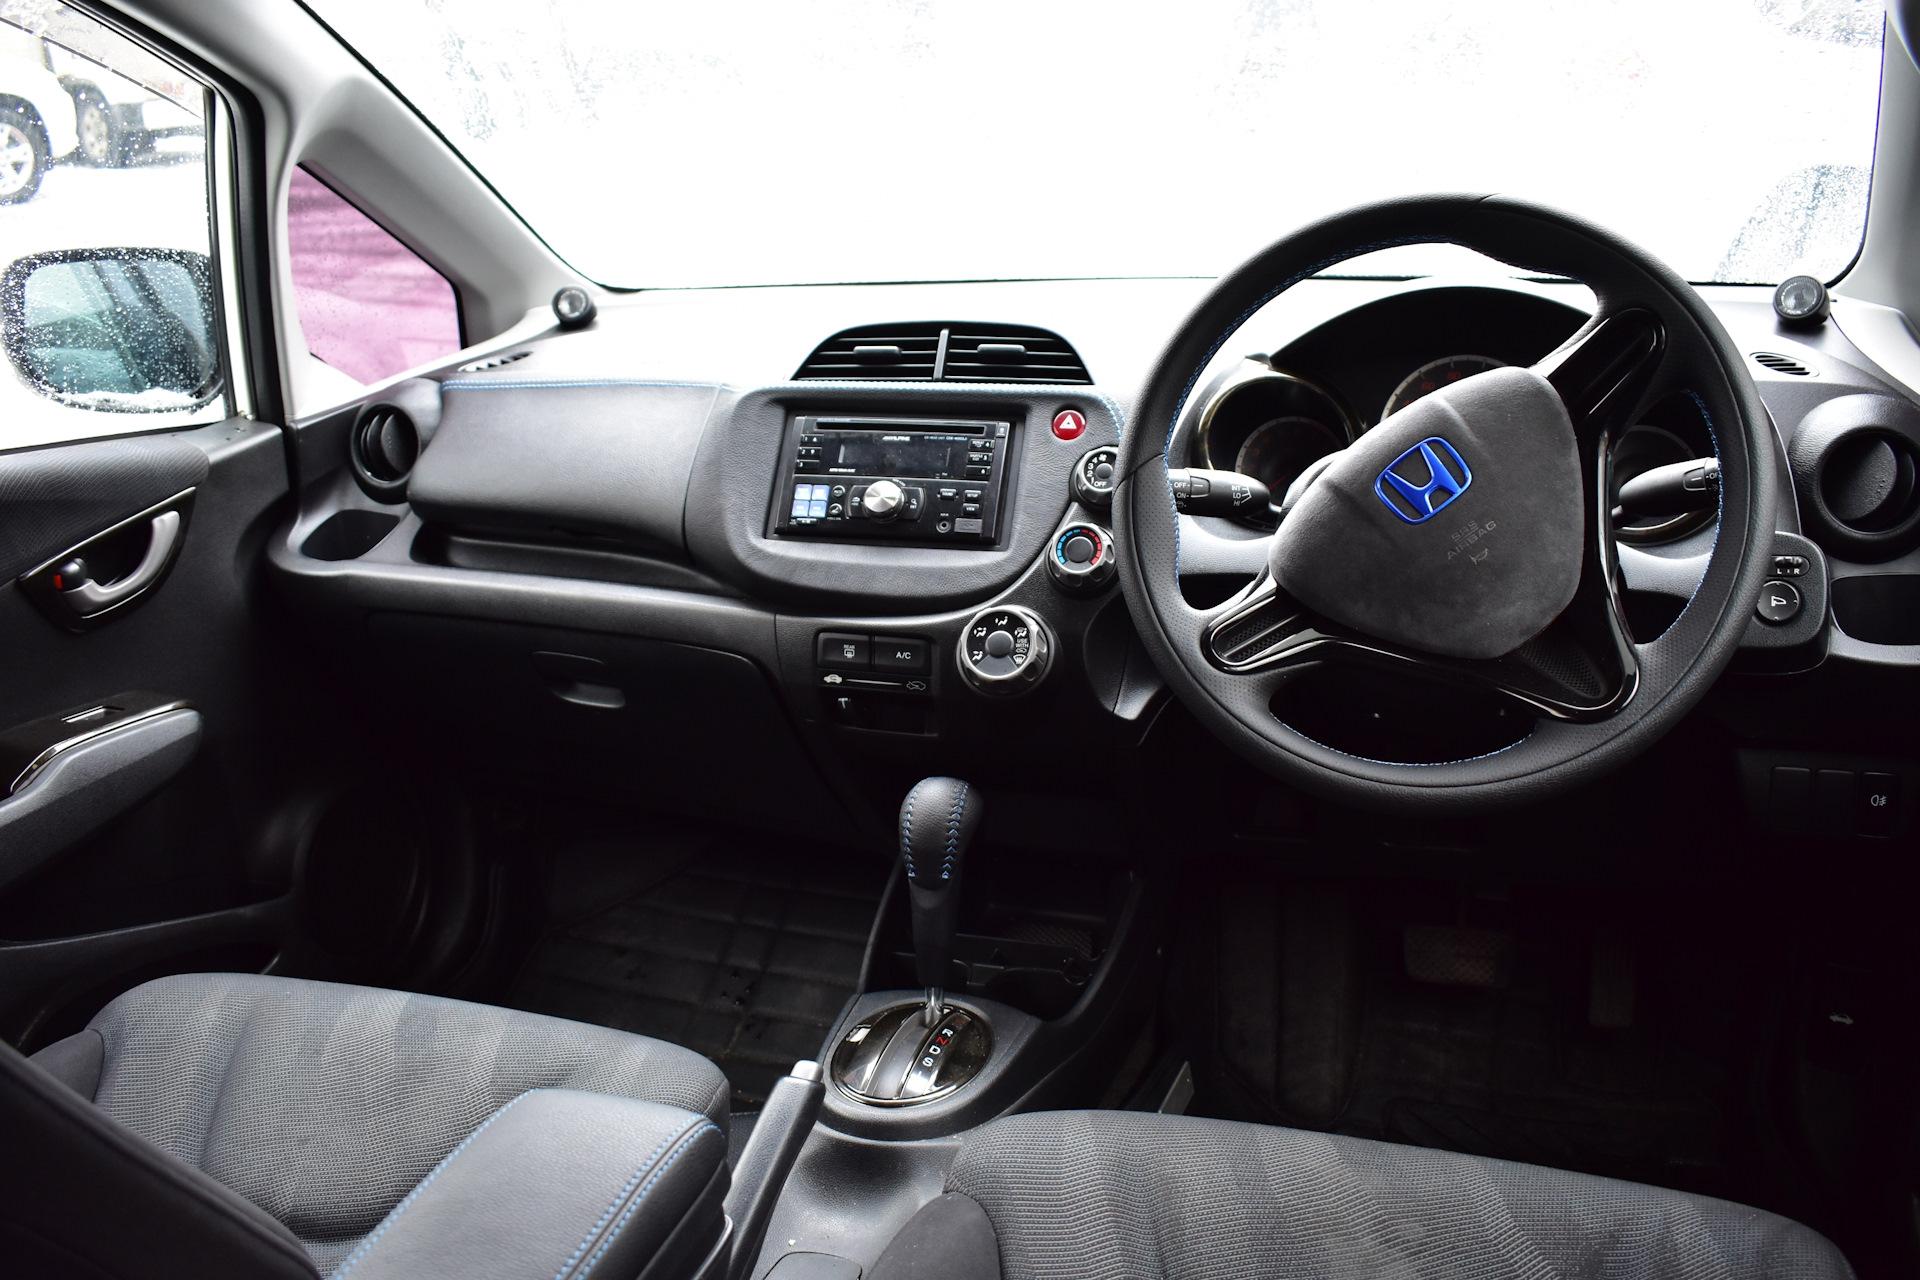 хонда фит фото салона случайно возможности комплекса